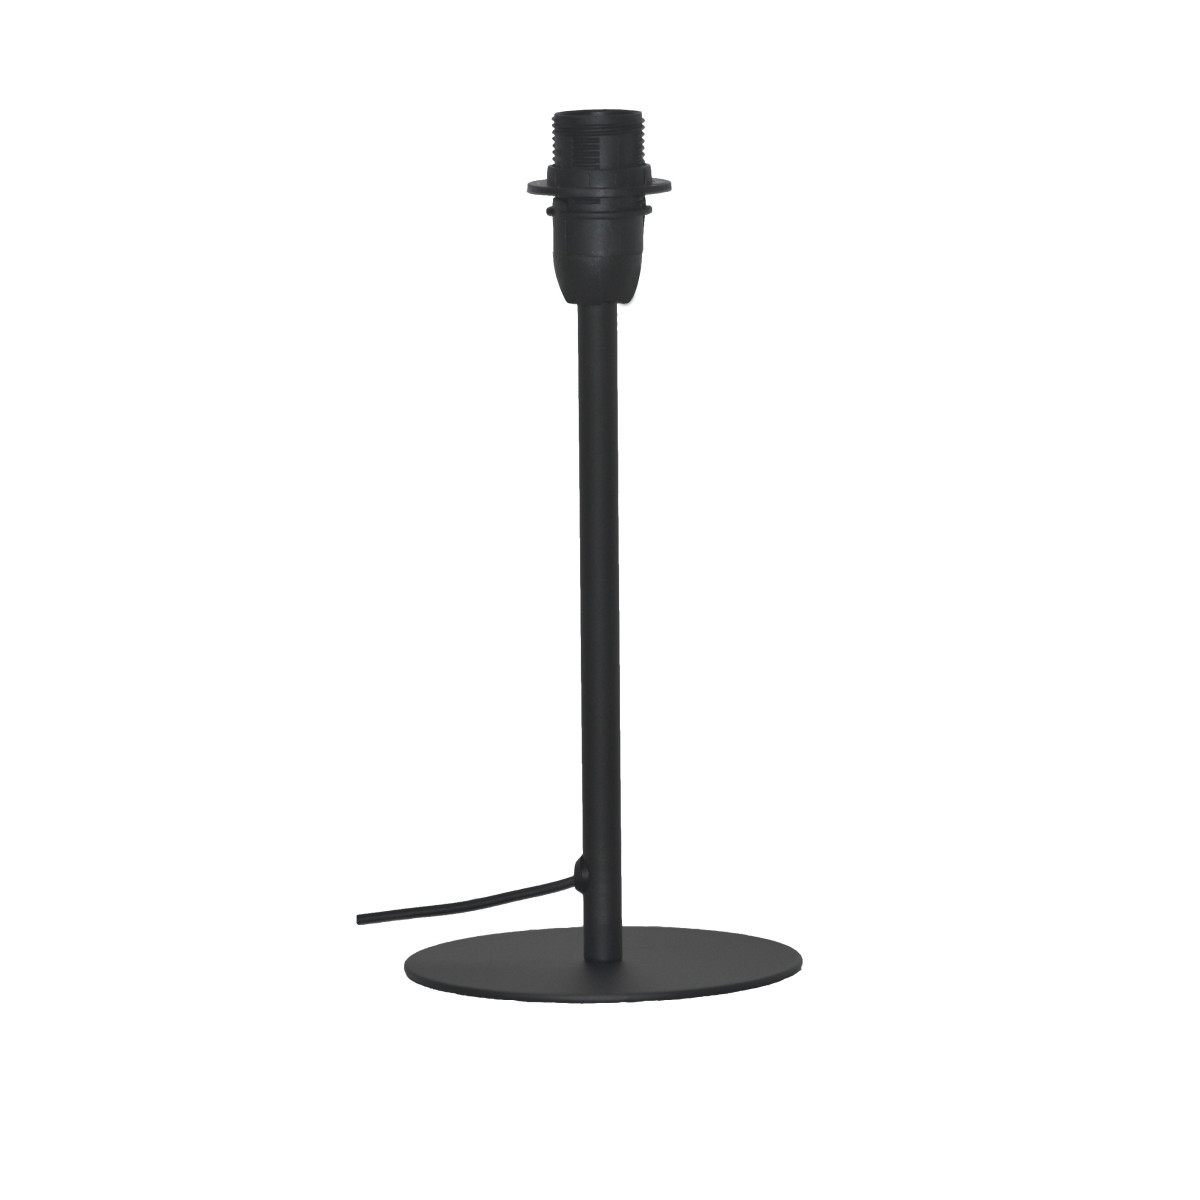 Основание для лампы Ceres 1 лампа E14 26 см цвет матовый черный